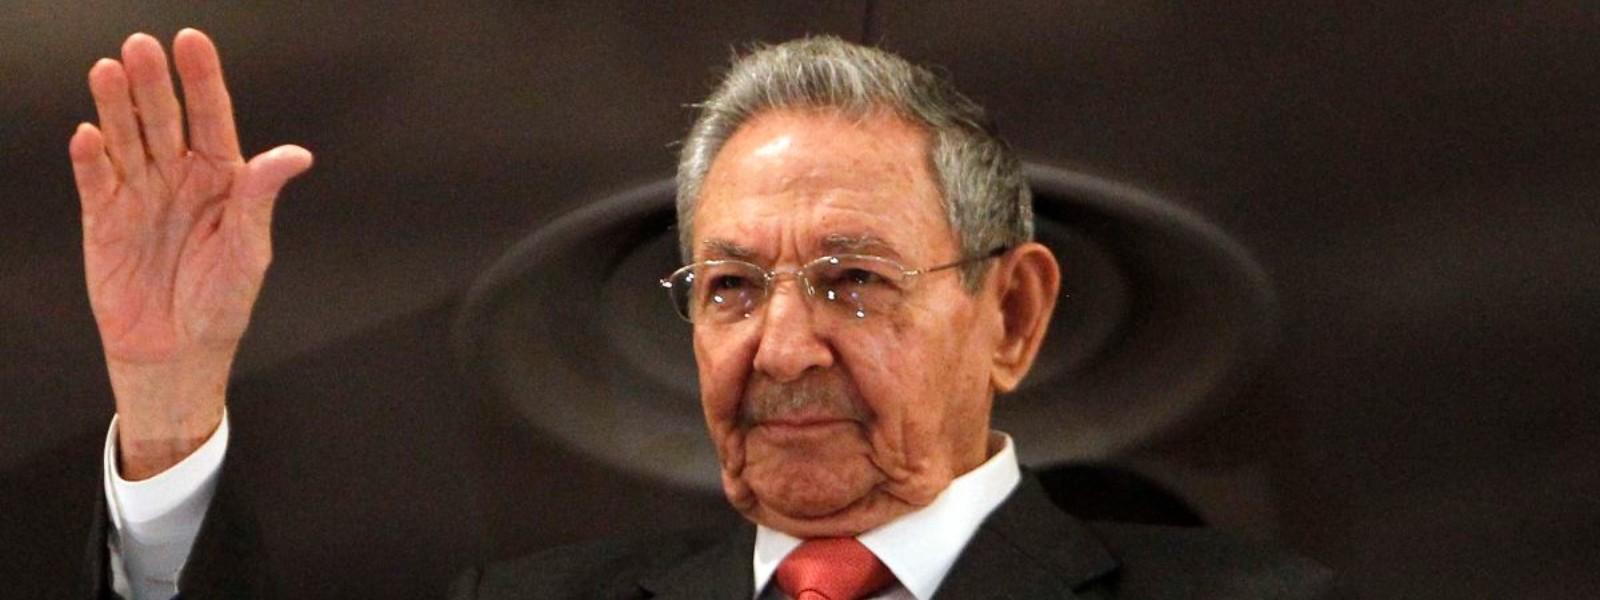 Raul Castro resigns as Communist chief, ending era in Cuba